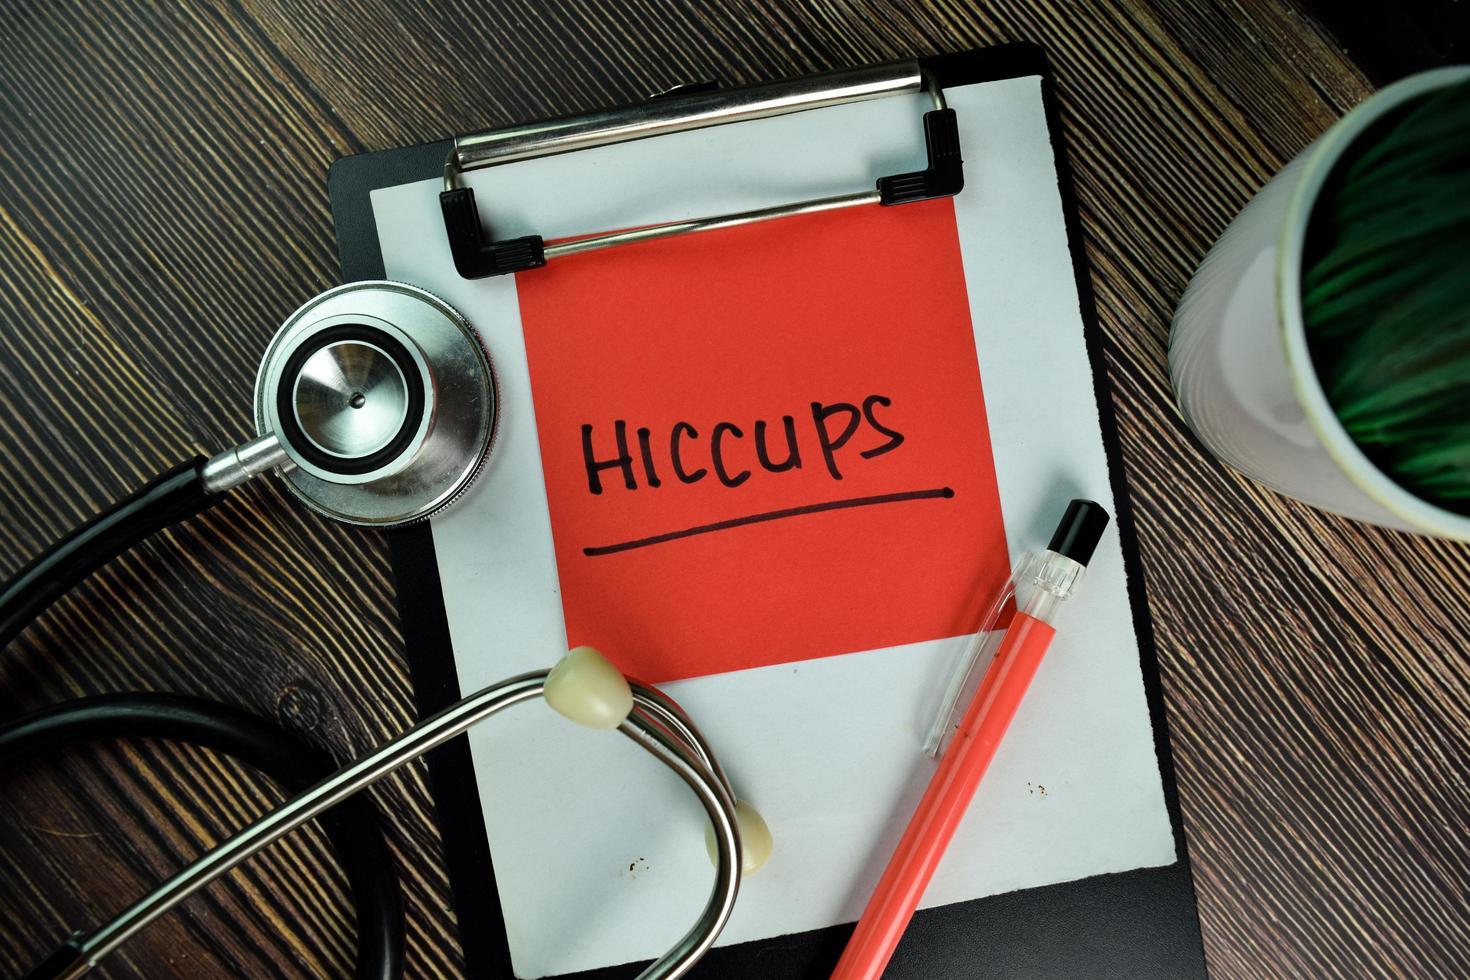 hoquet écrit sur pense-bête isolé sur table en bois photo